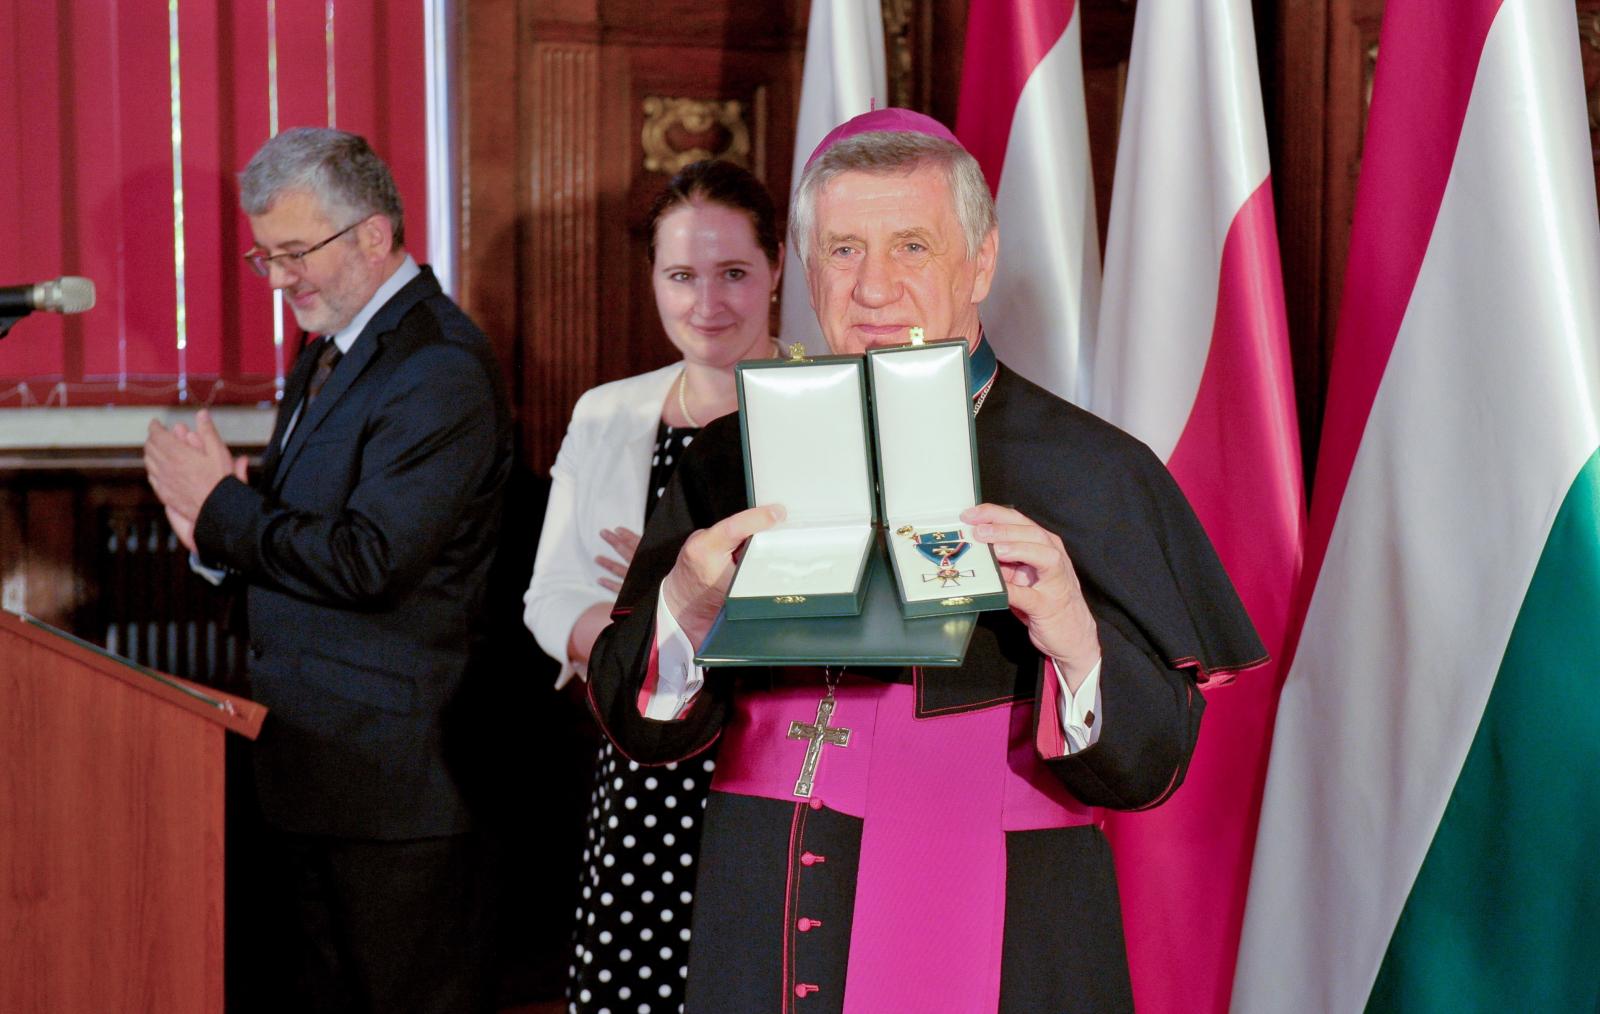 Krzyż Zasługi Orderu Węgierskiego dla abp. Andrzeja Dzięgi. Fot. PAP/Marcin Bielecki